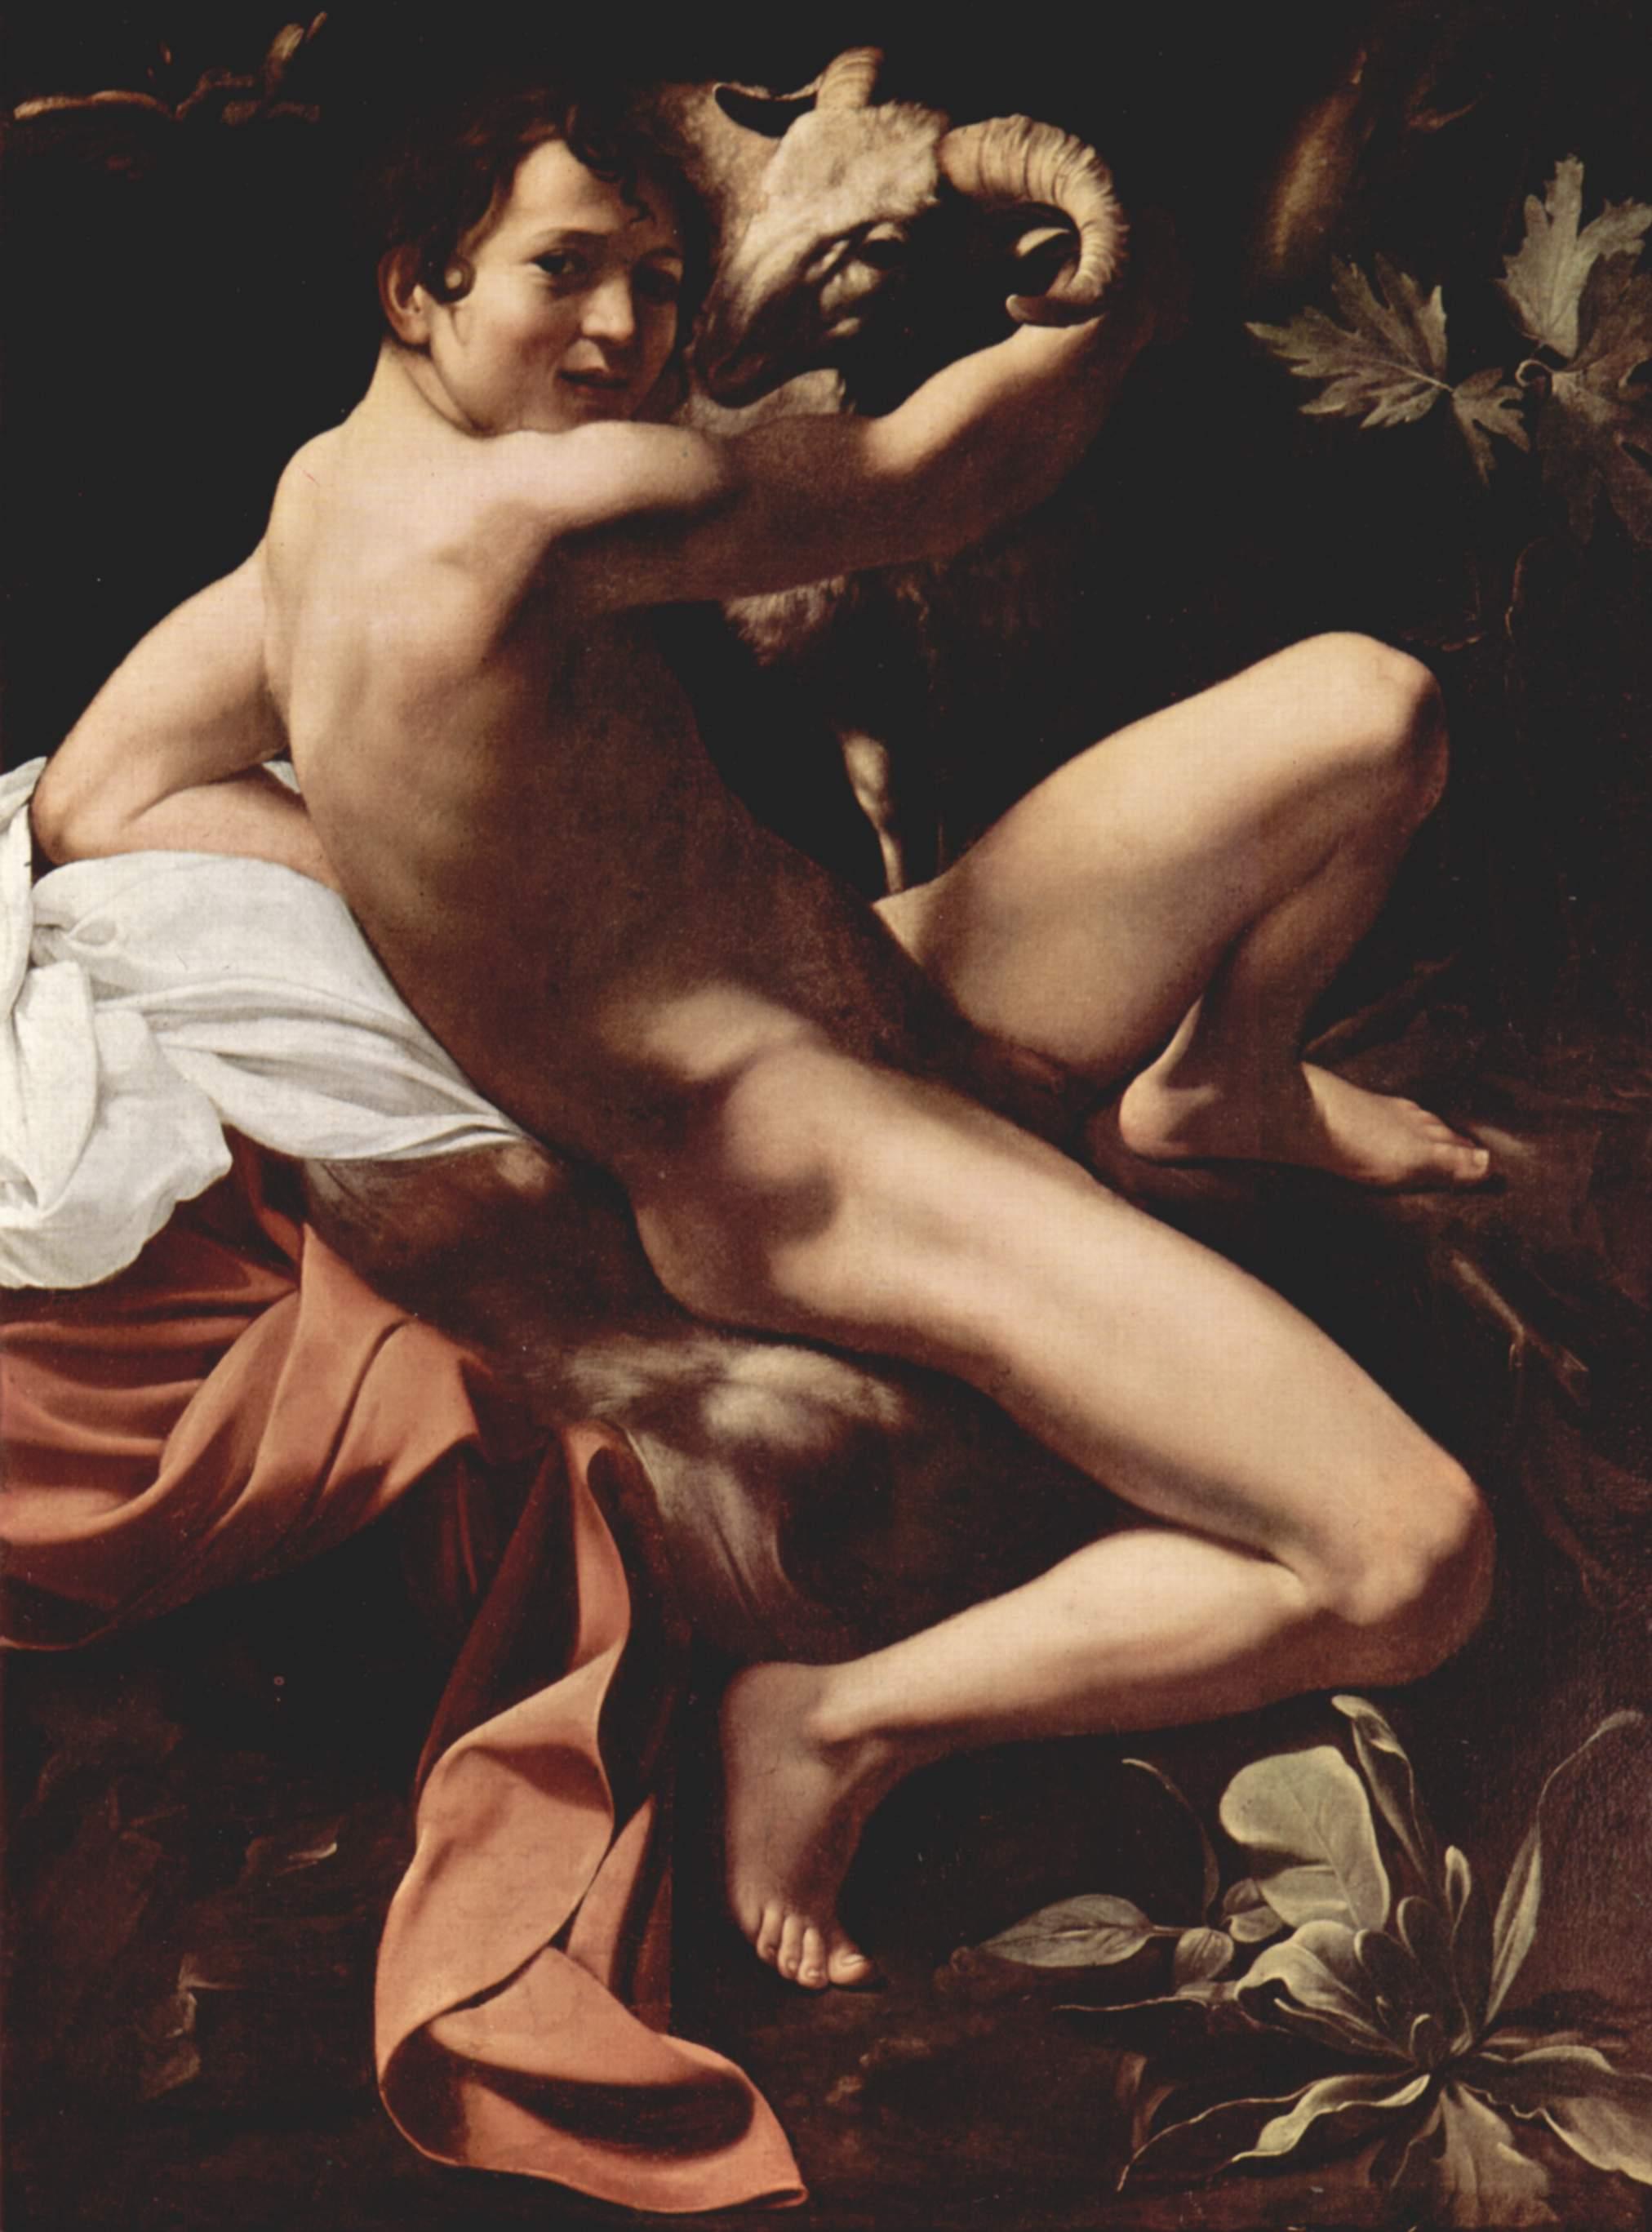 Св. Иоанн Креститель, Микеланджело Меризи де Караваджо